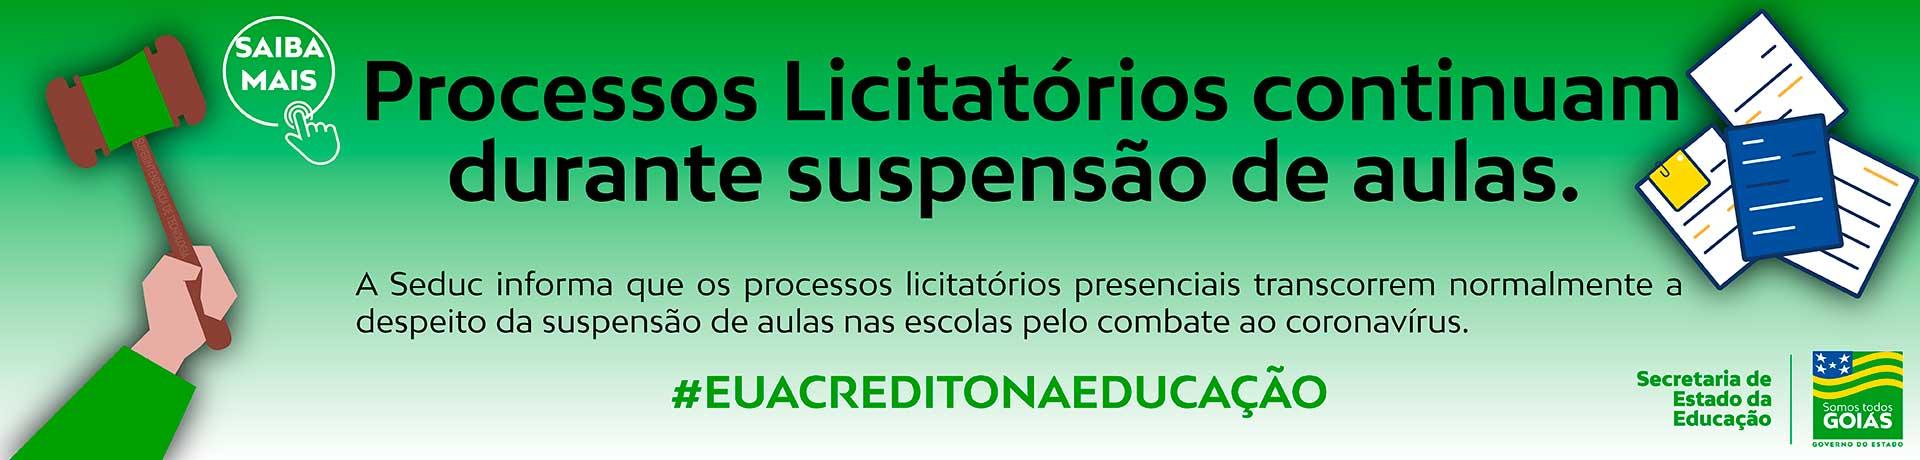 Informativo processos licitatórios